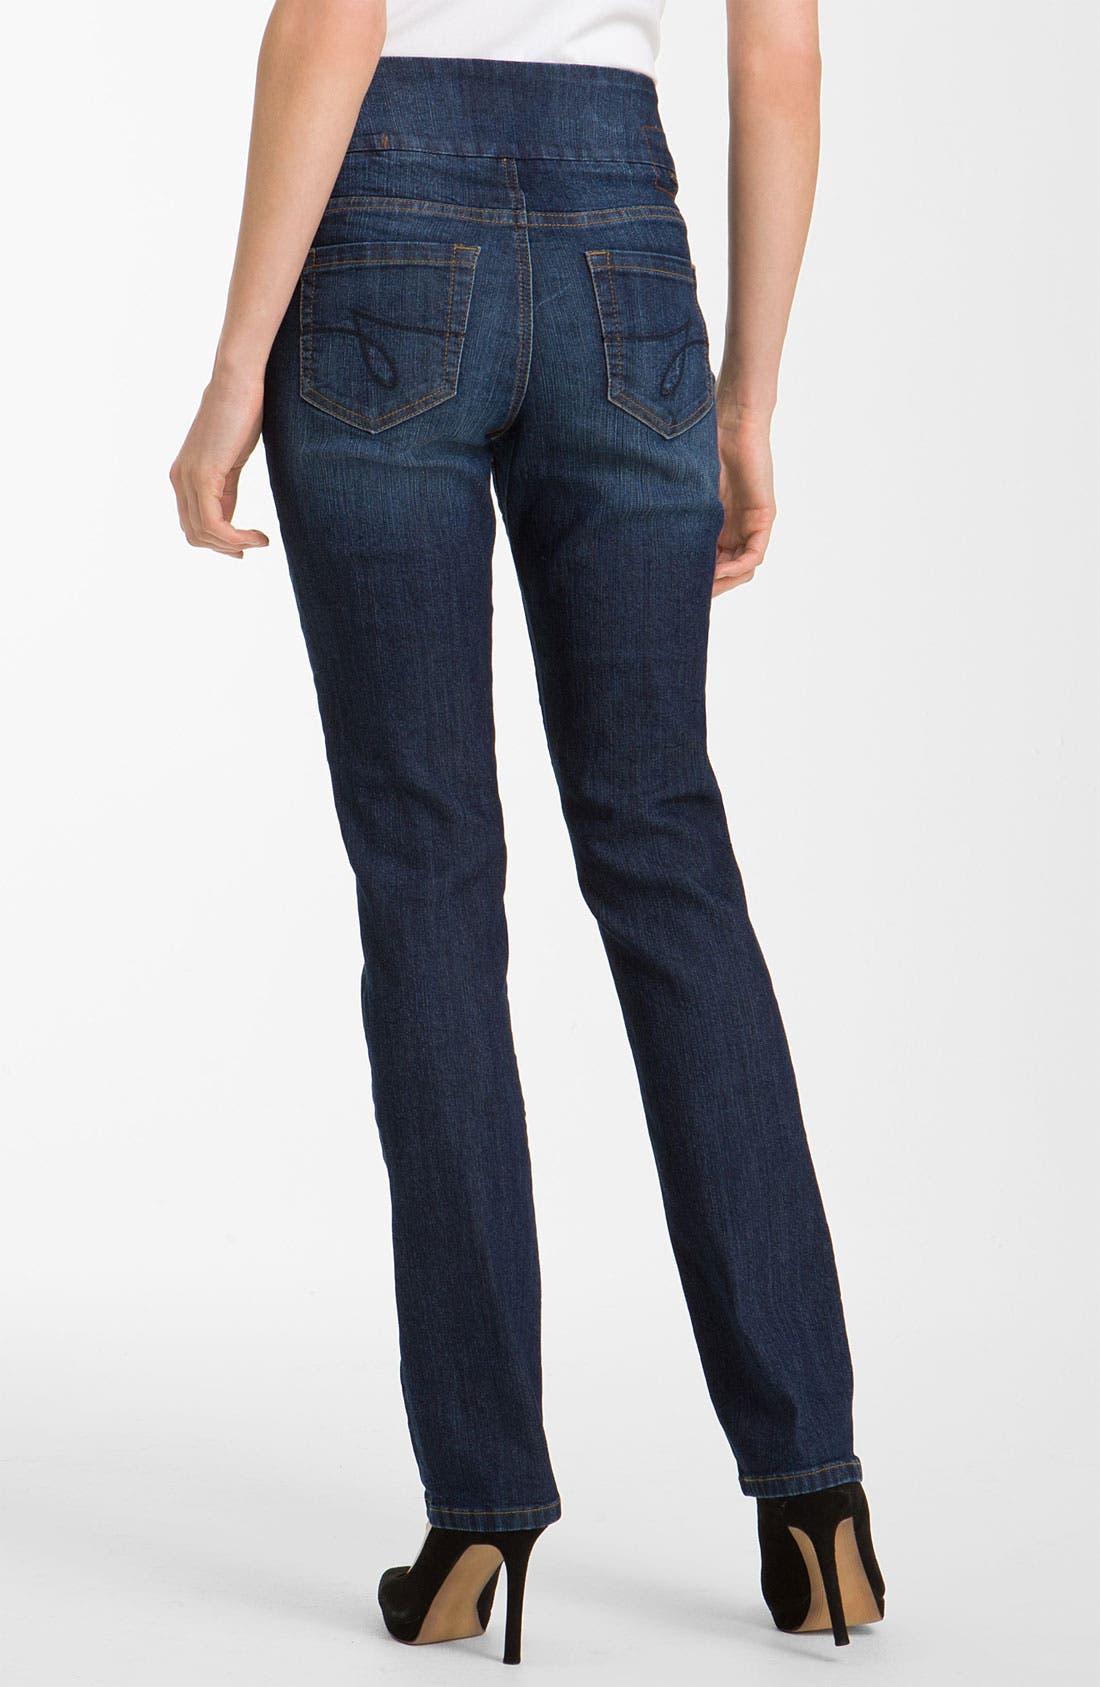 Alternate Image 2  - Jag Jeans 'Peri' Pull-On Jeans (Petite)